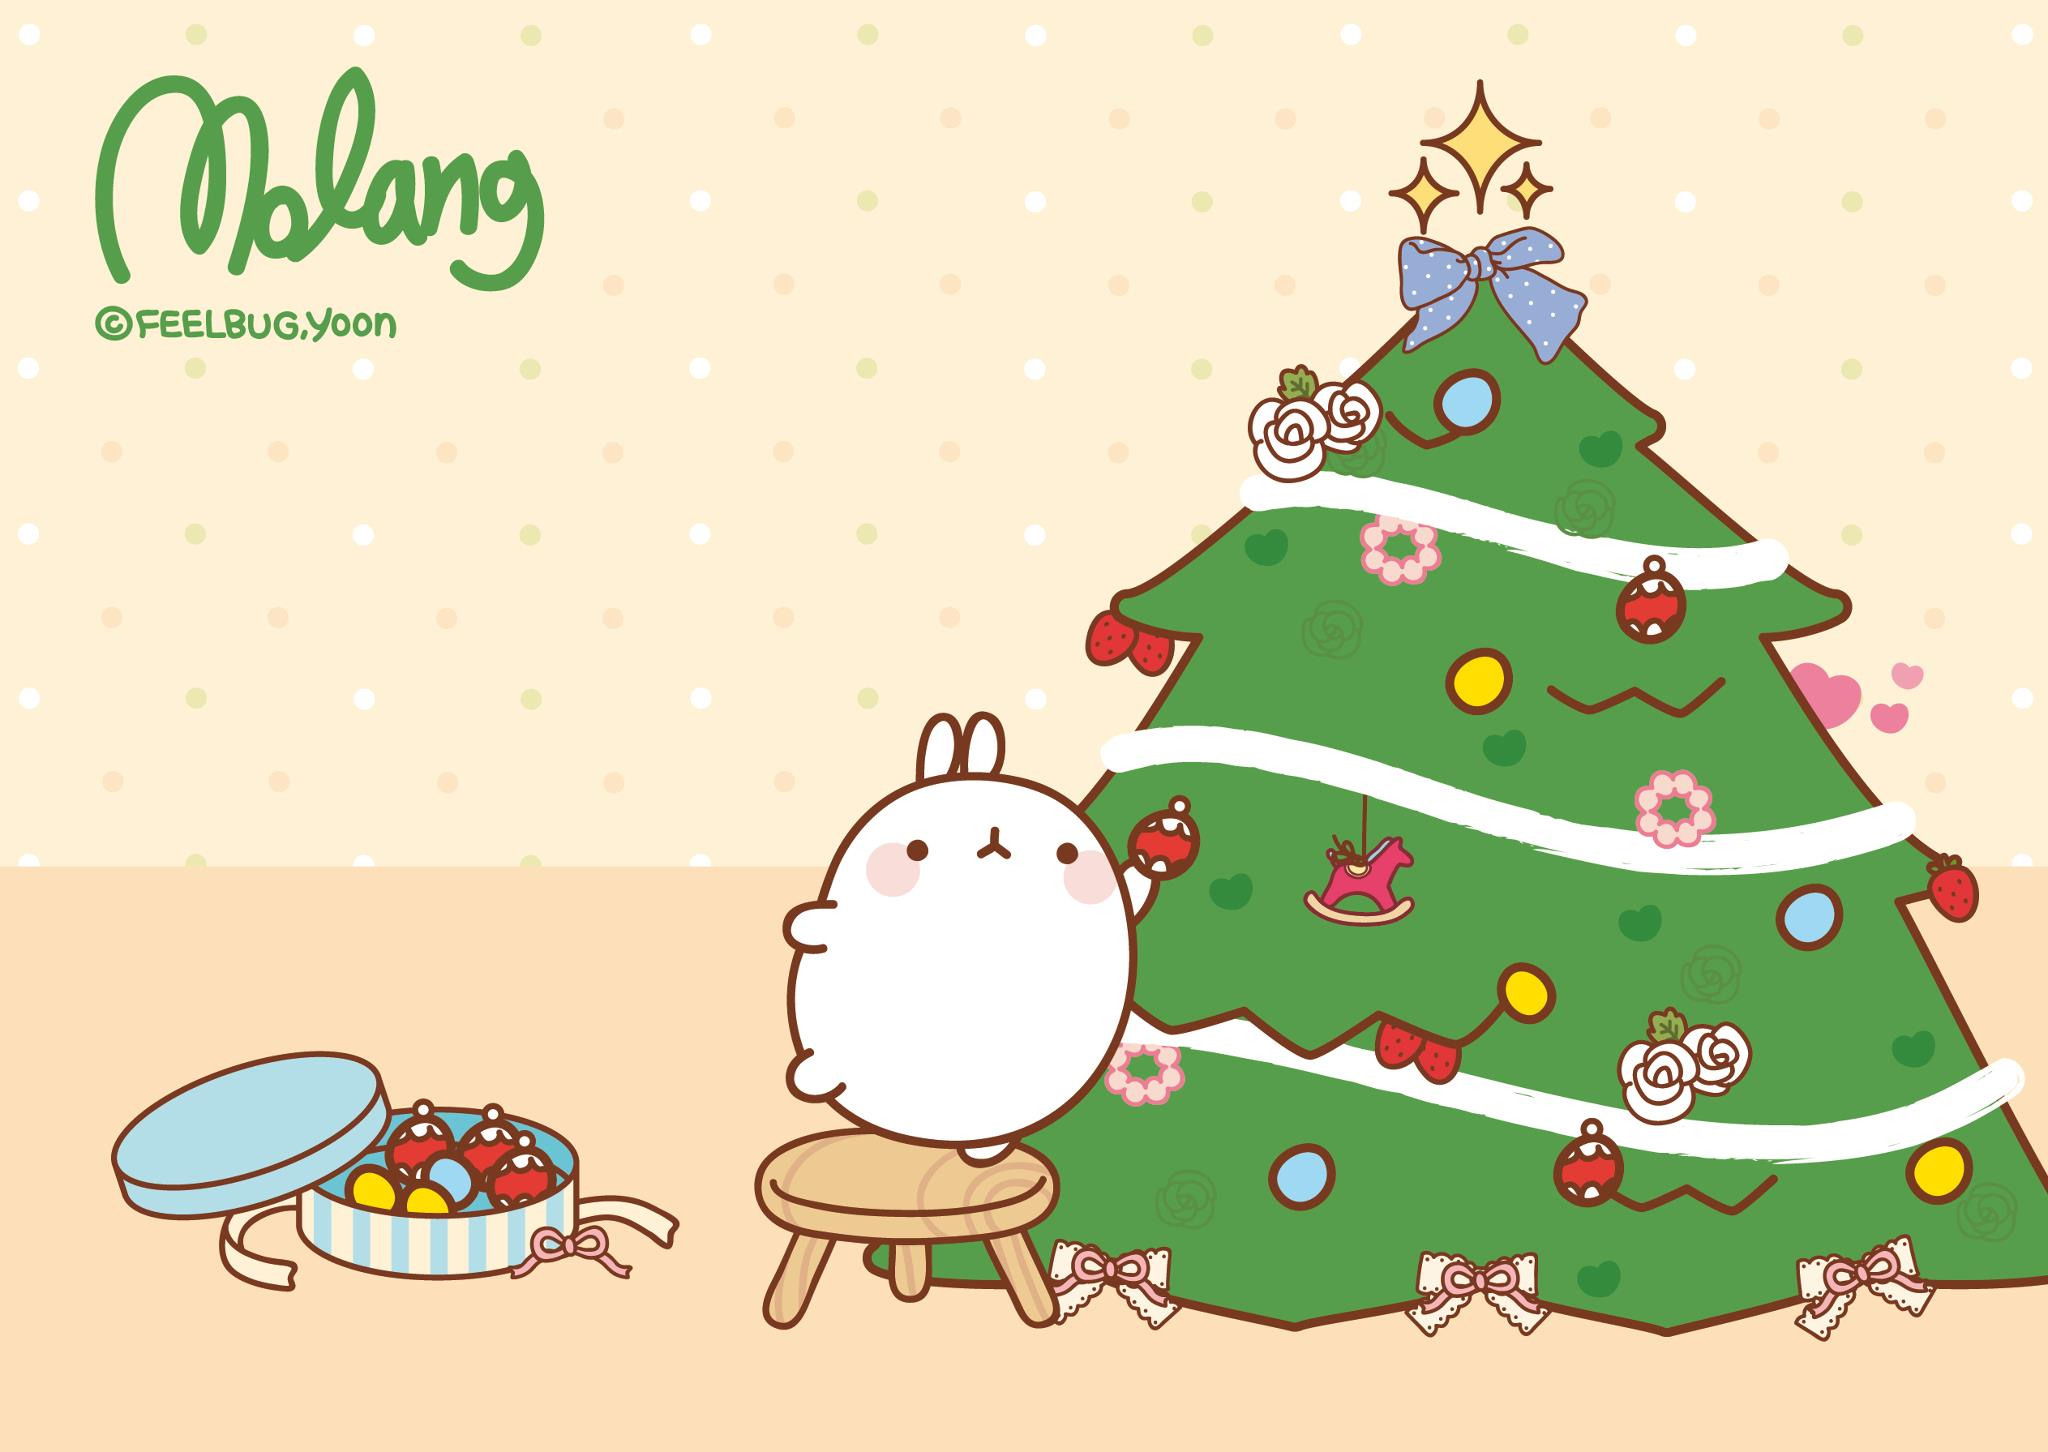 Wallpaper Navidad Molang by leyfzalley on DeviantArt